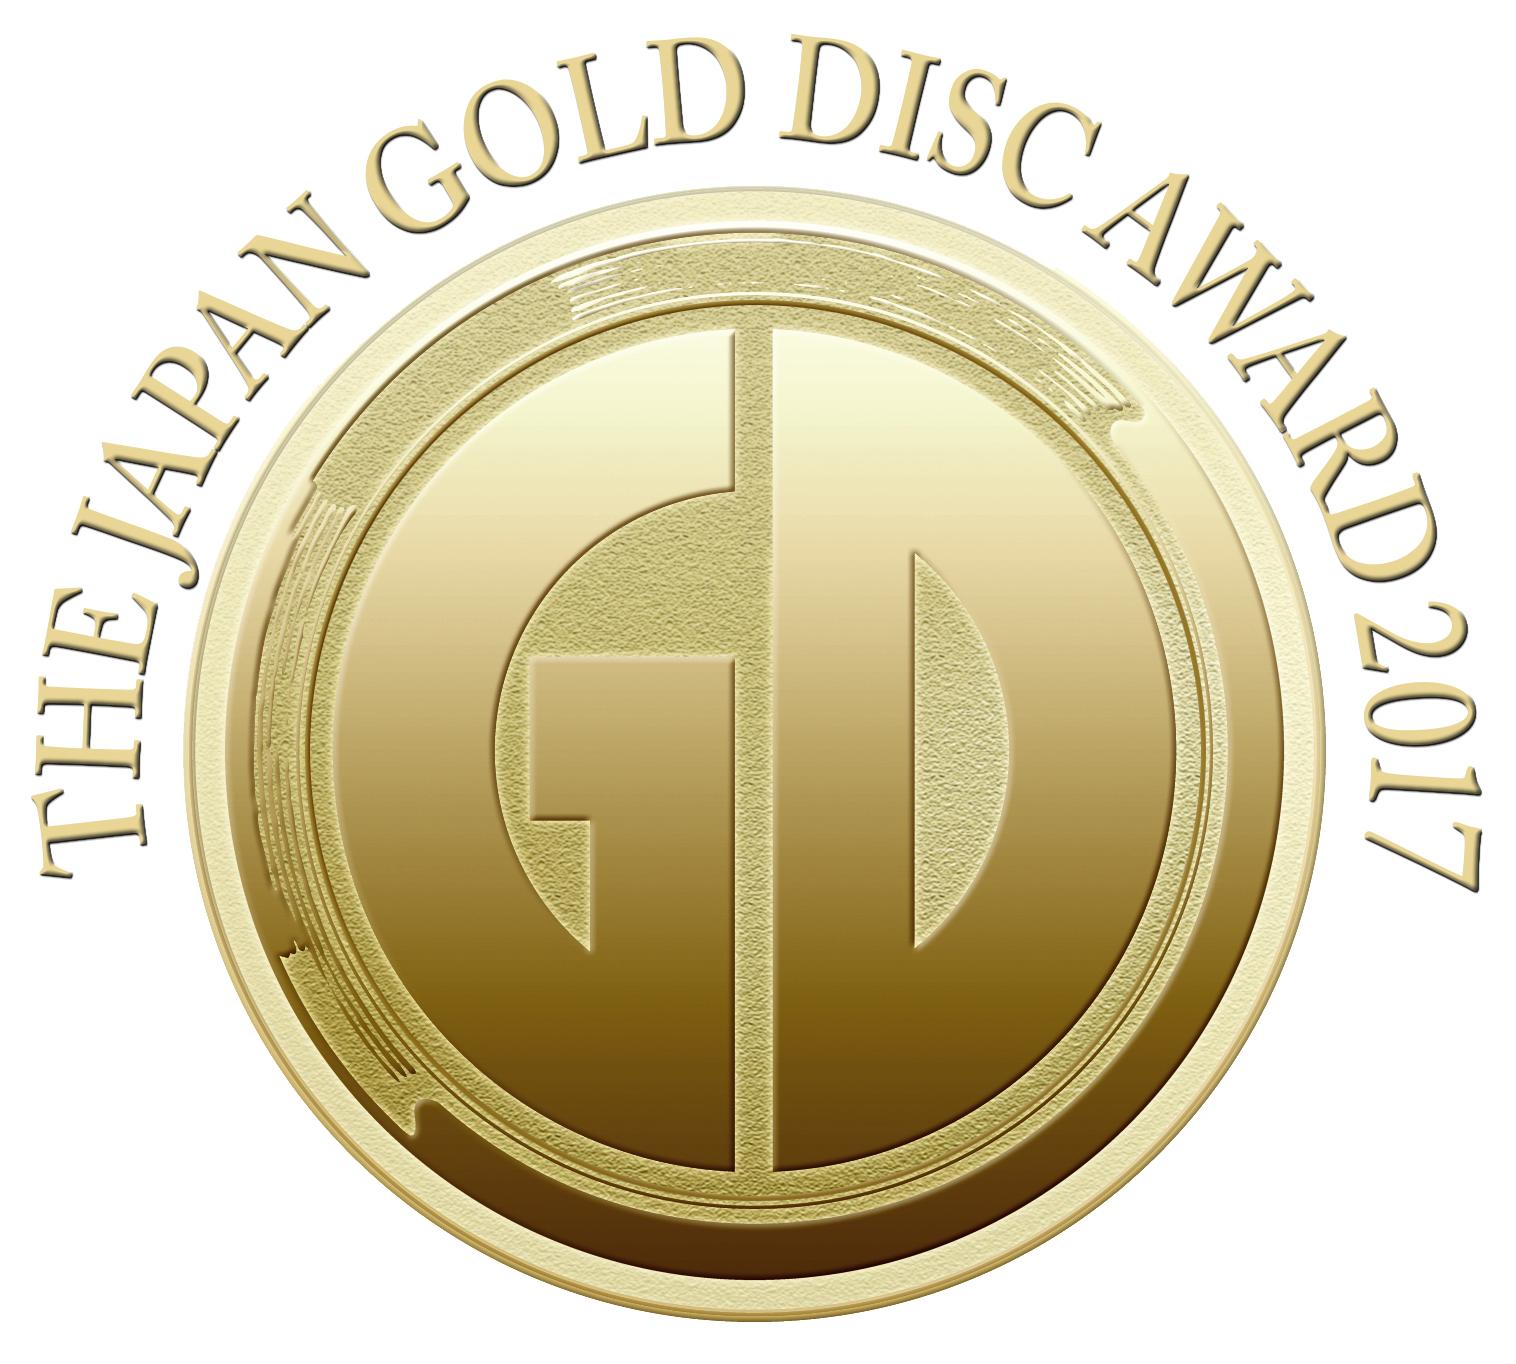 乃木坂46がゴールドディスク大賞「ベスト5シングル」3年連続受賞 桜井玲香からコメントも